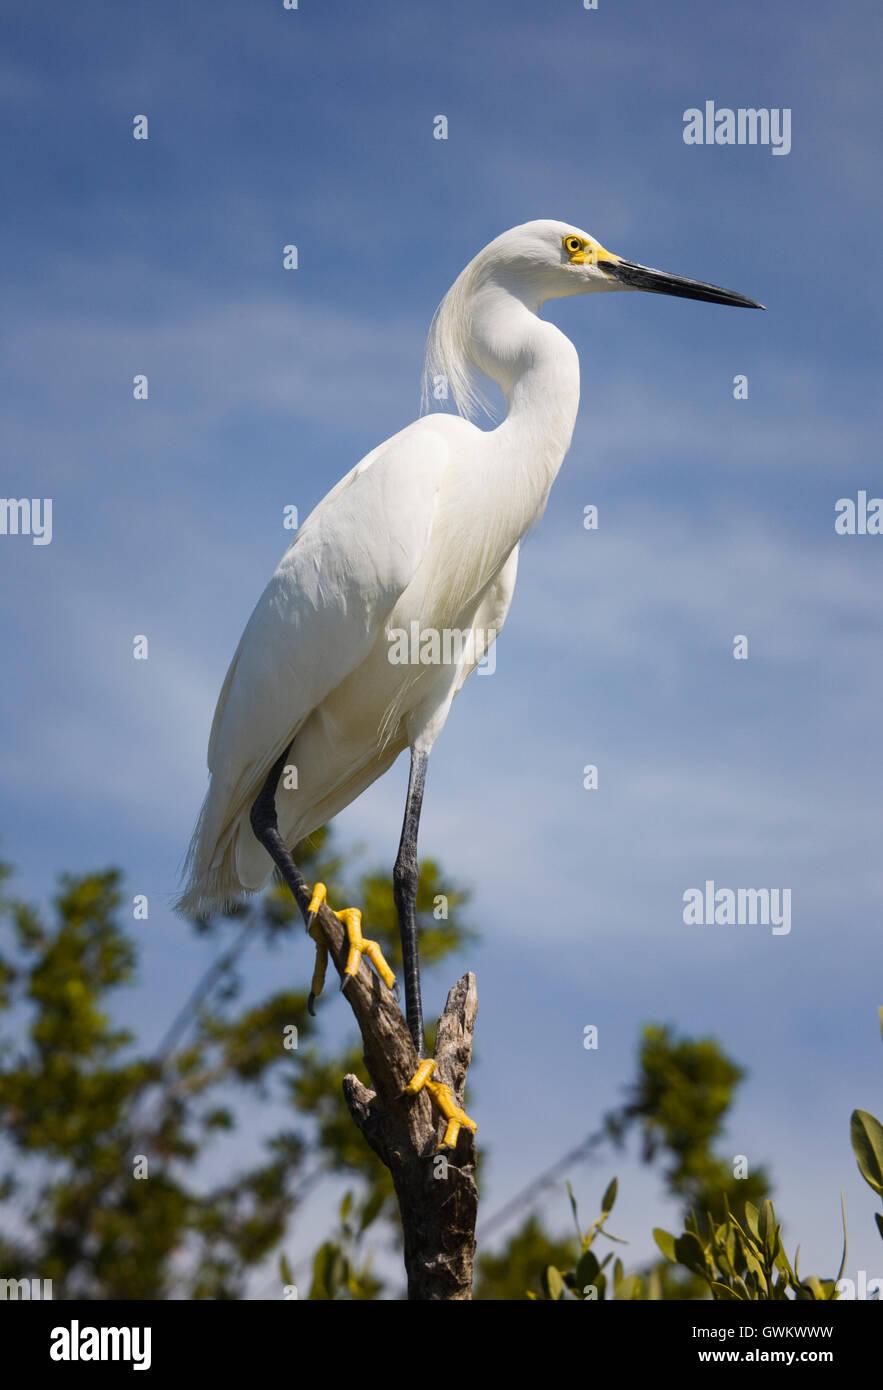 Ein Weißer Reiher mit weißen Federn, langen zotteligen Kopf Federn, gelb Lore und Füße sieht Stockbild